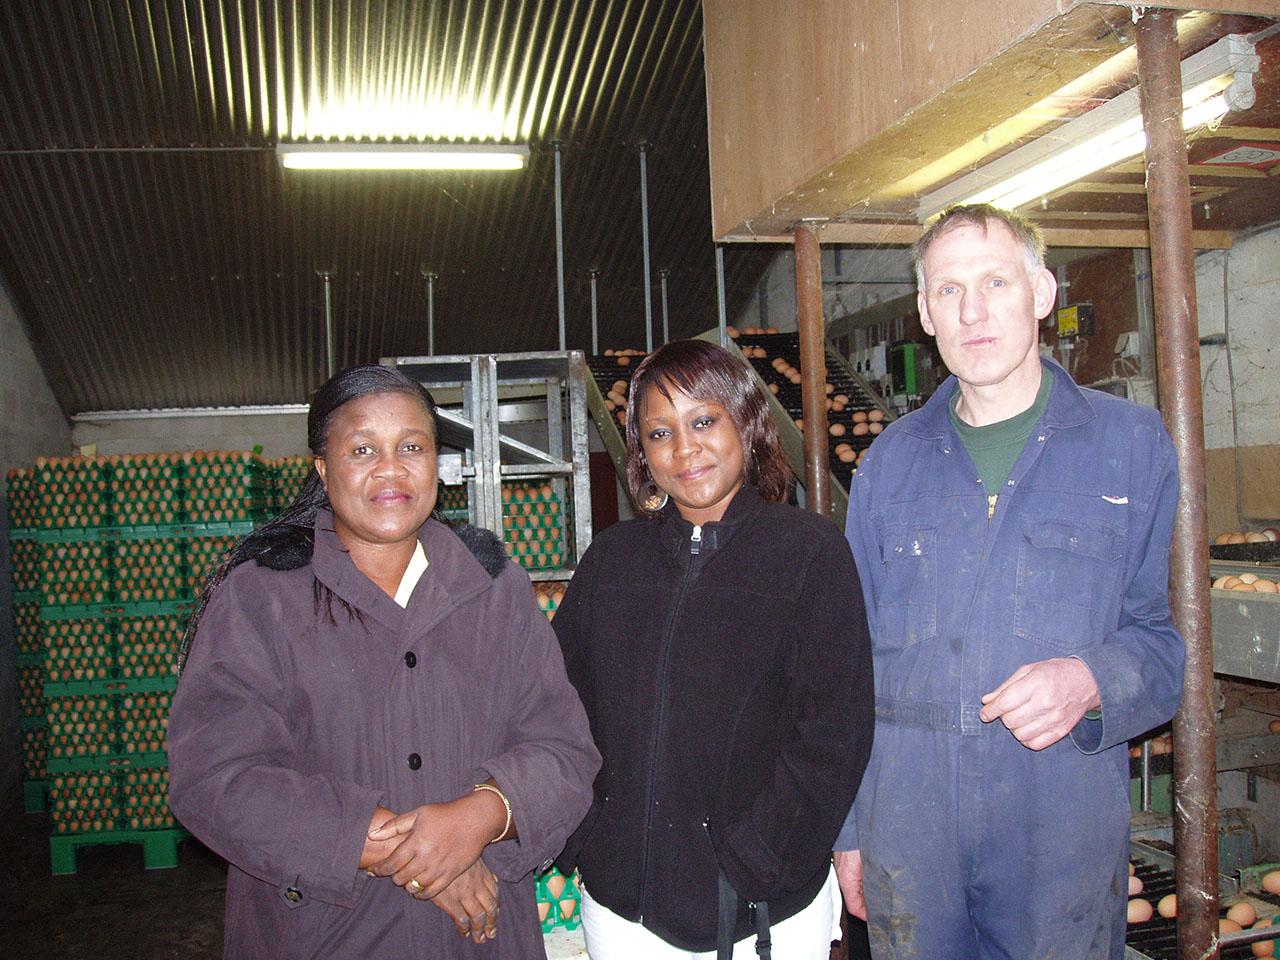 Bezoek aan Deldense kippenfarm